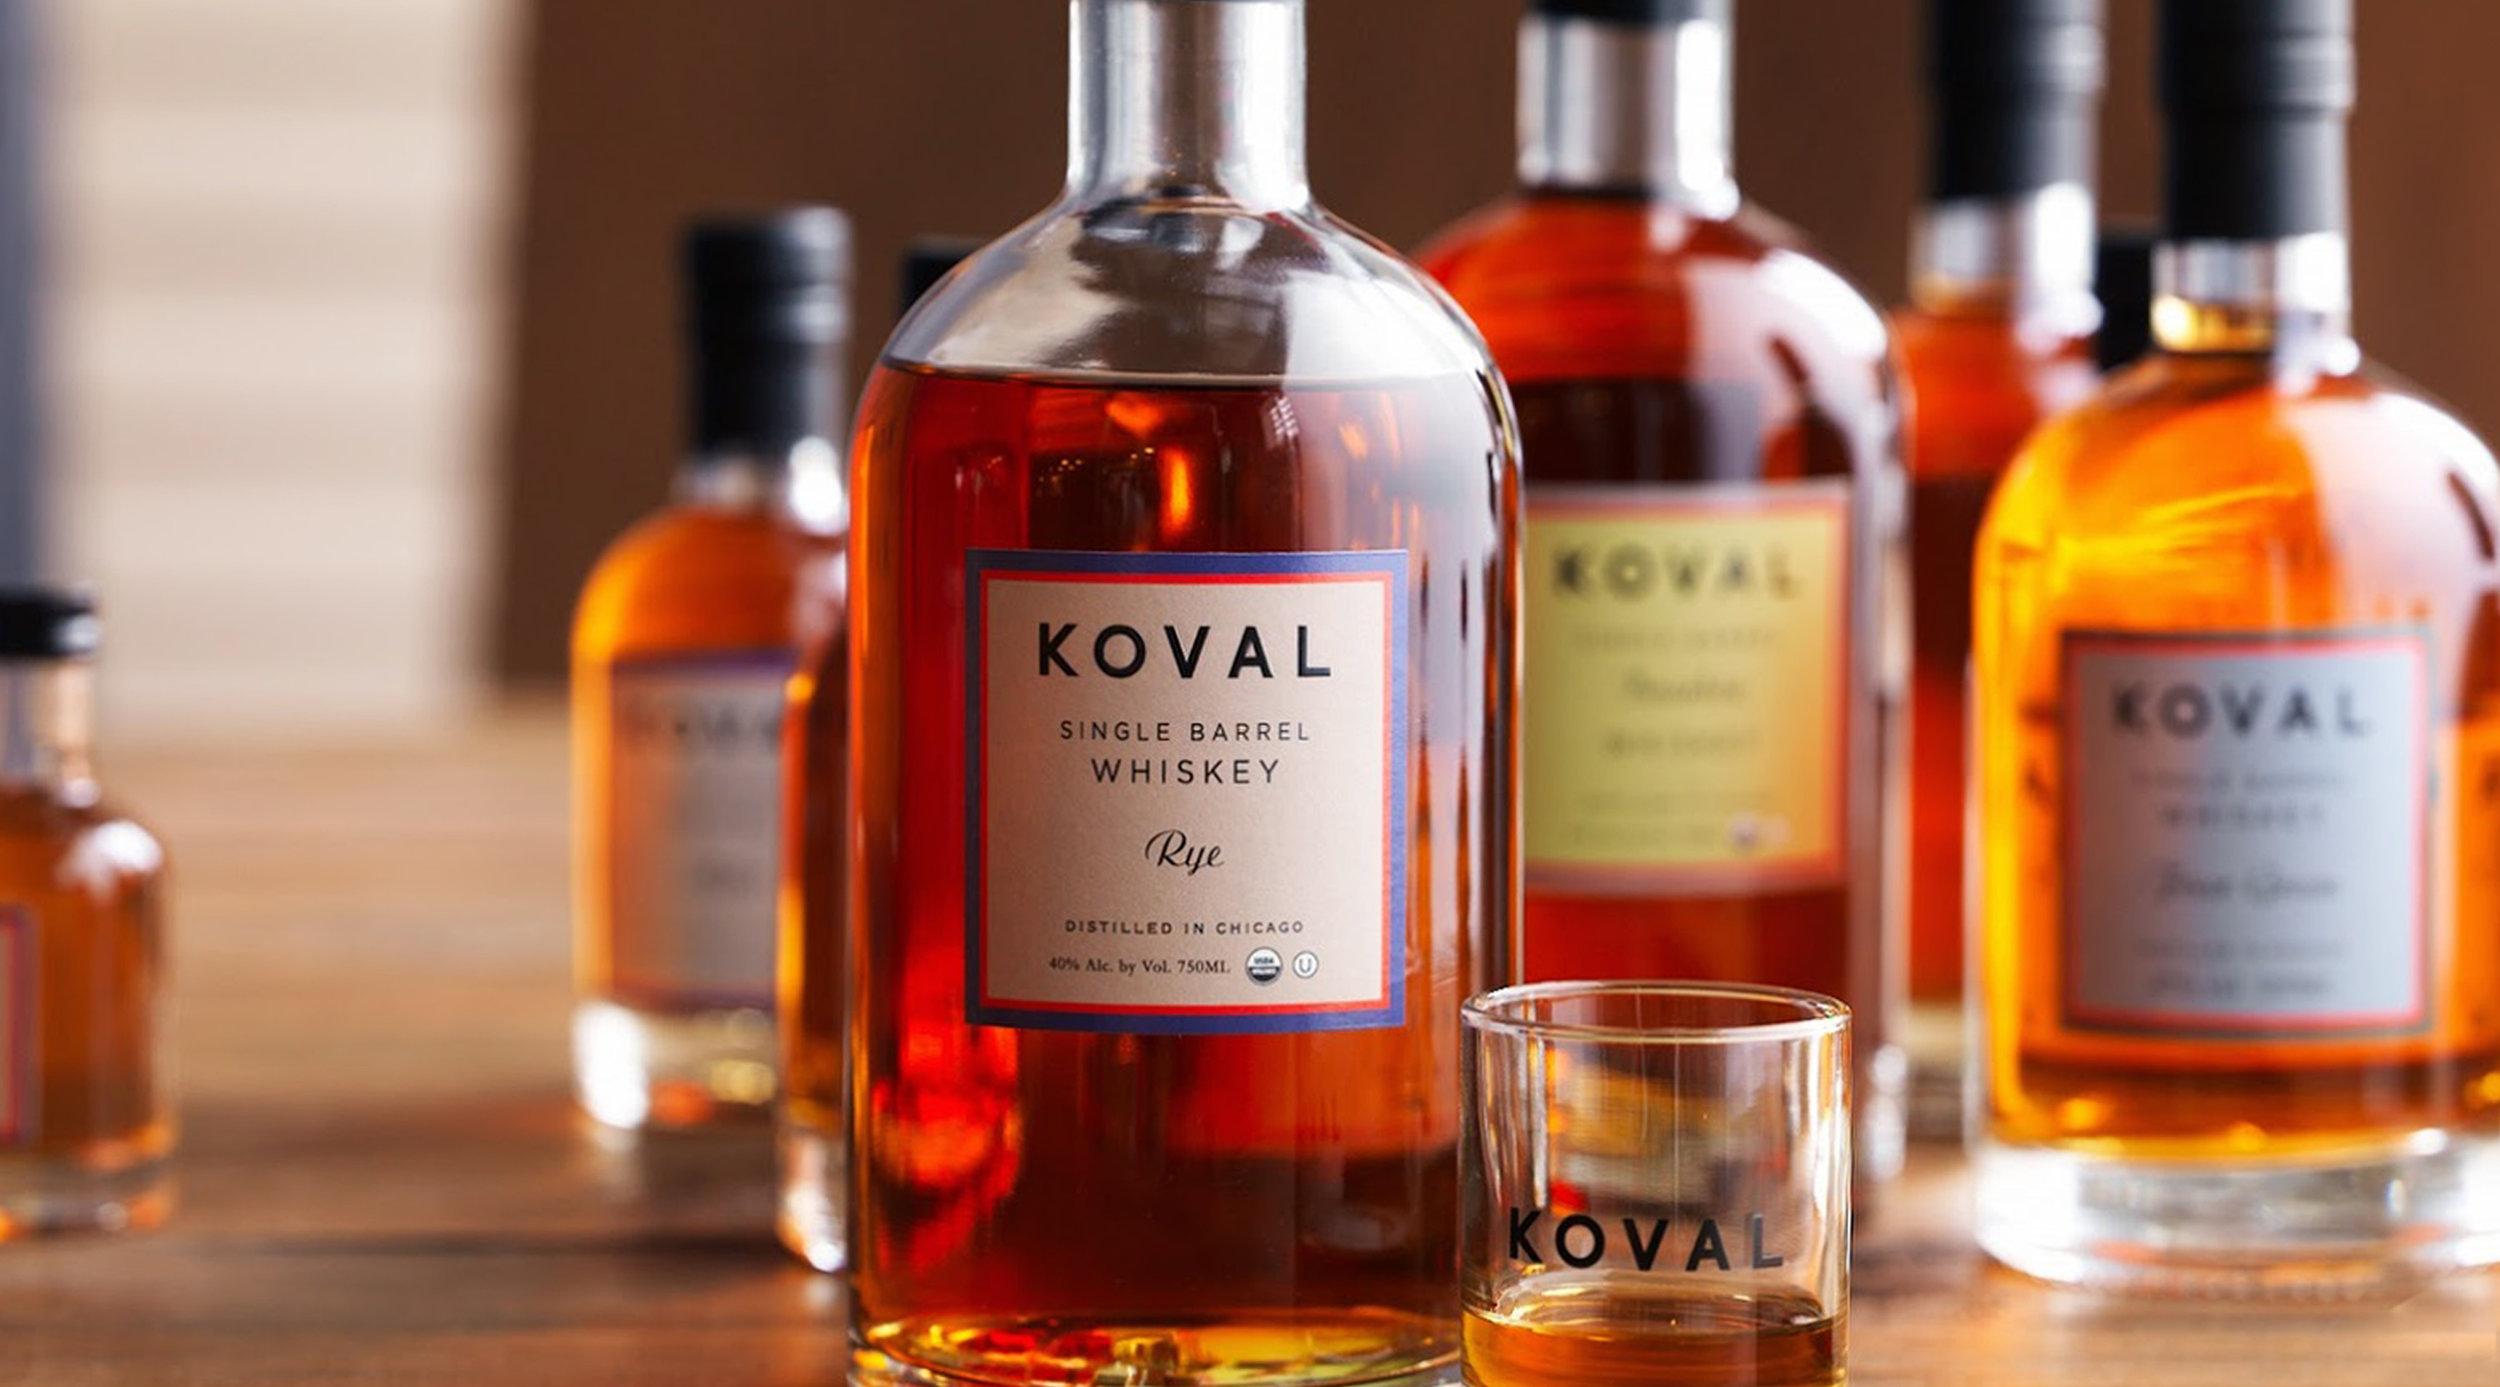 11_16_16_KOVAL_Whiskies_Daylight.jpg